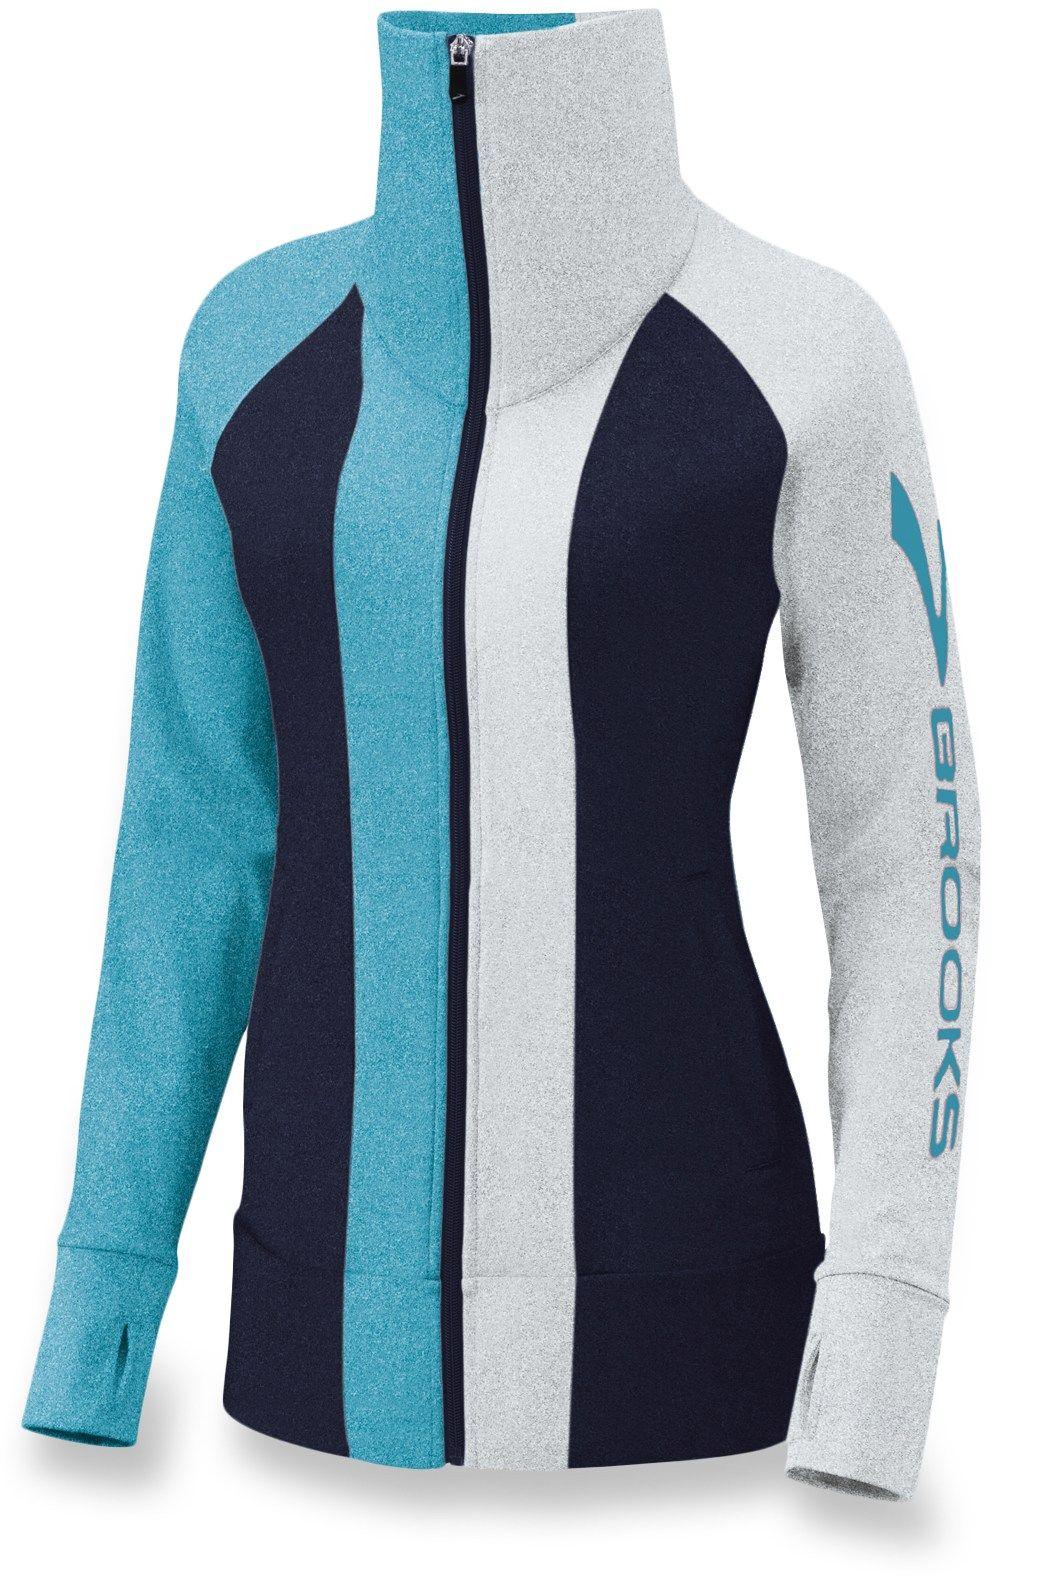 Brooks Glycerin Jacket II - Women's